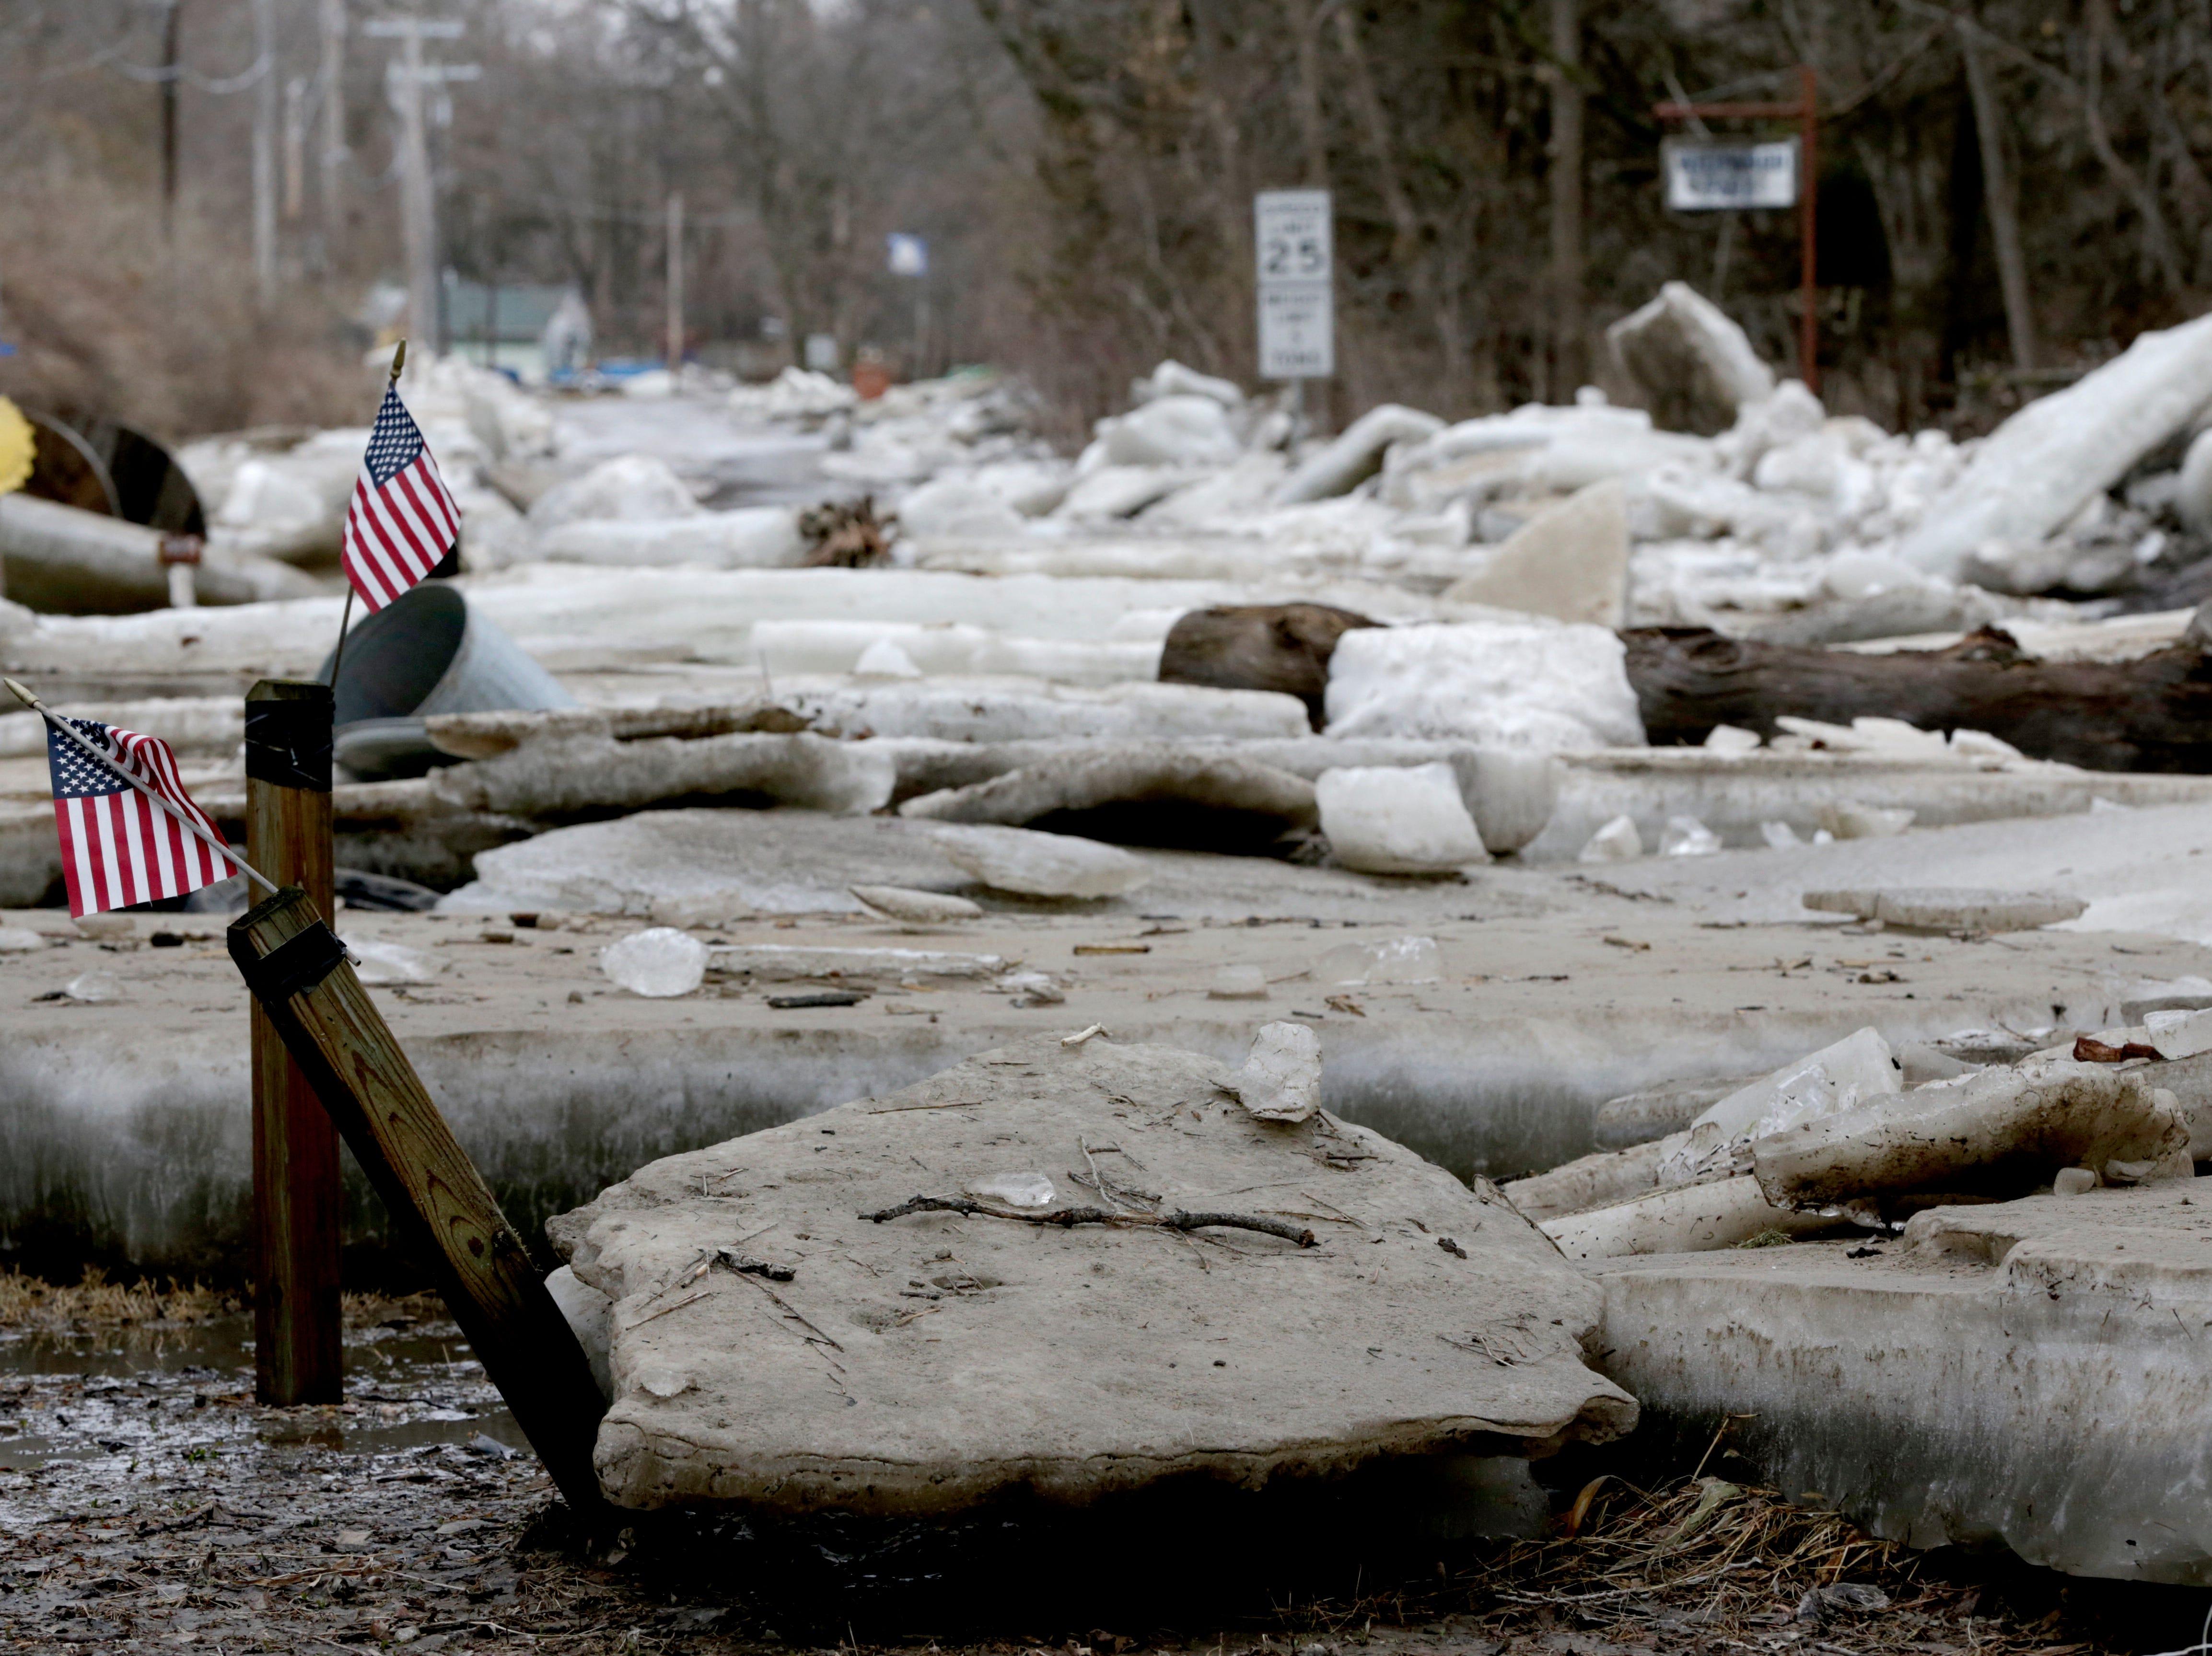 Placas de hielo gruesas, patios de basura y caminos en Fremont, Nebraska, el jueves 14 de marzo de 2019, después de que el río Platte cubierto de hielo inundara sus orillas. Se han producido evacuaciones forzadas por inundaciones en varias comunidades del este de Nebraska.